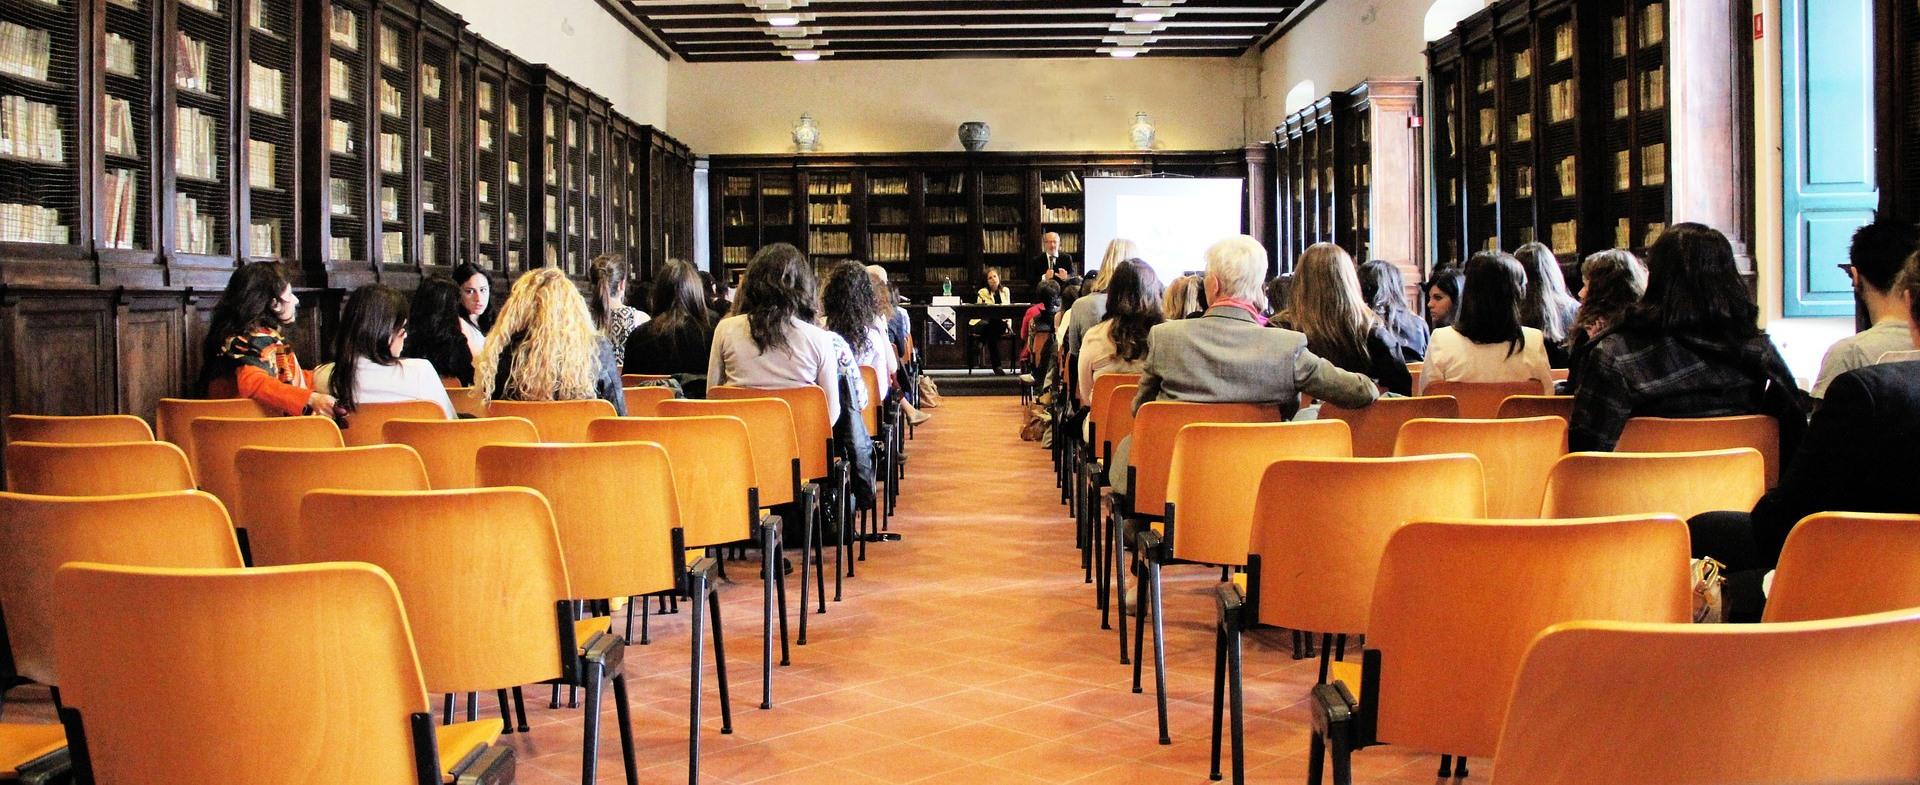 Jelentkezés a felsőoktatási szakképzésekre